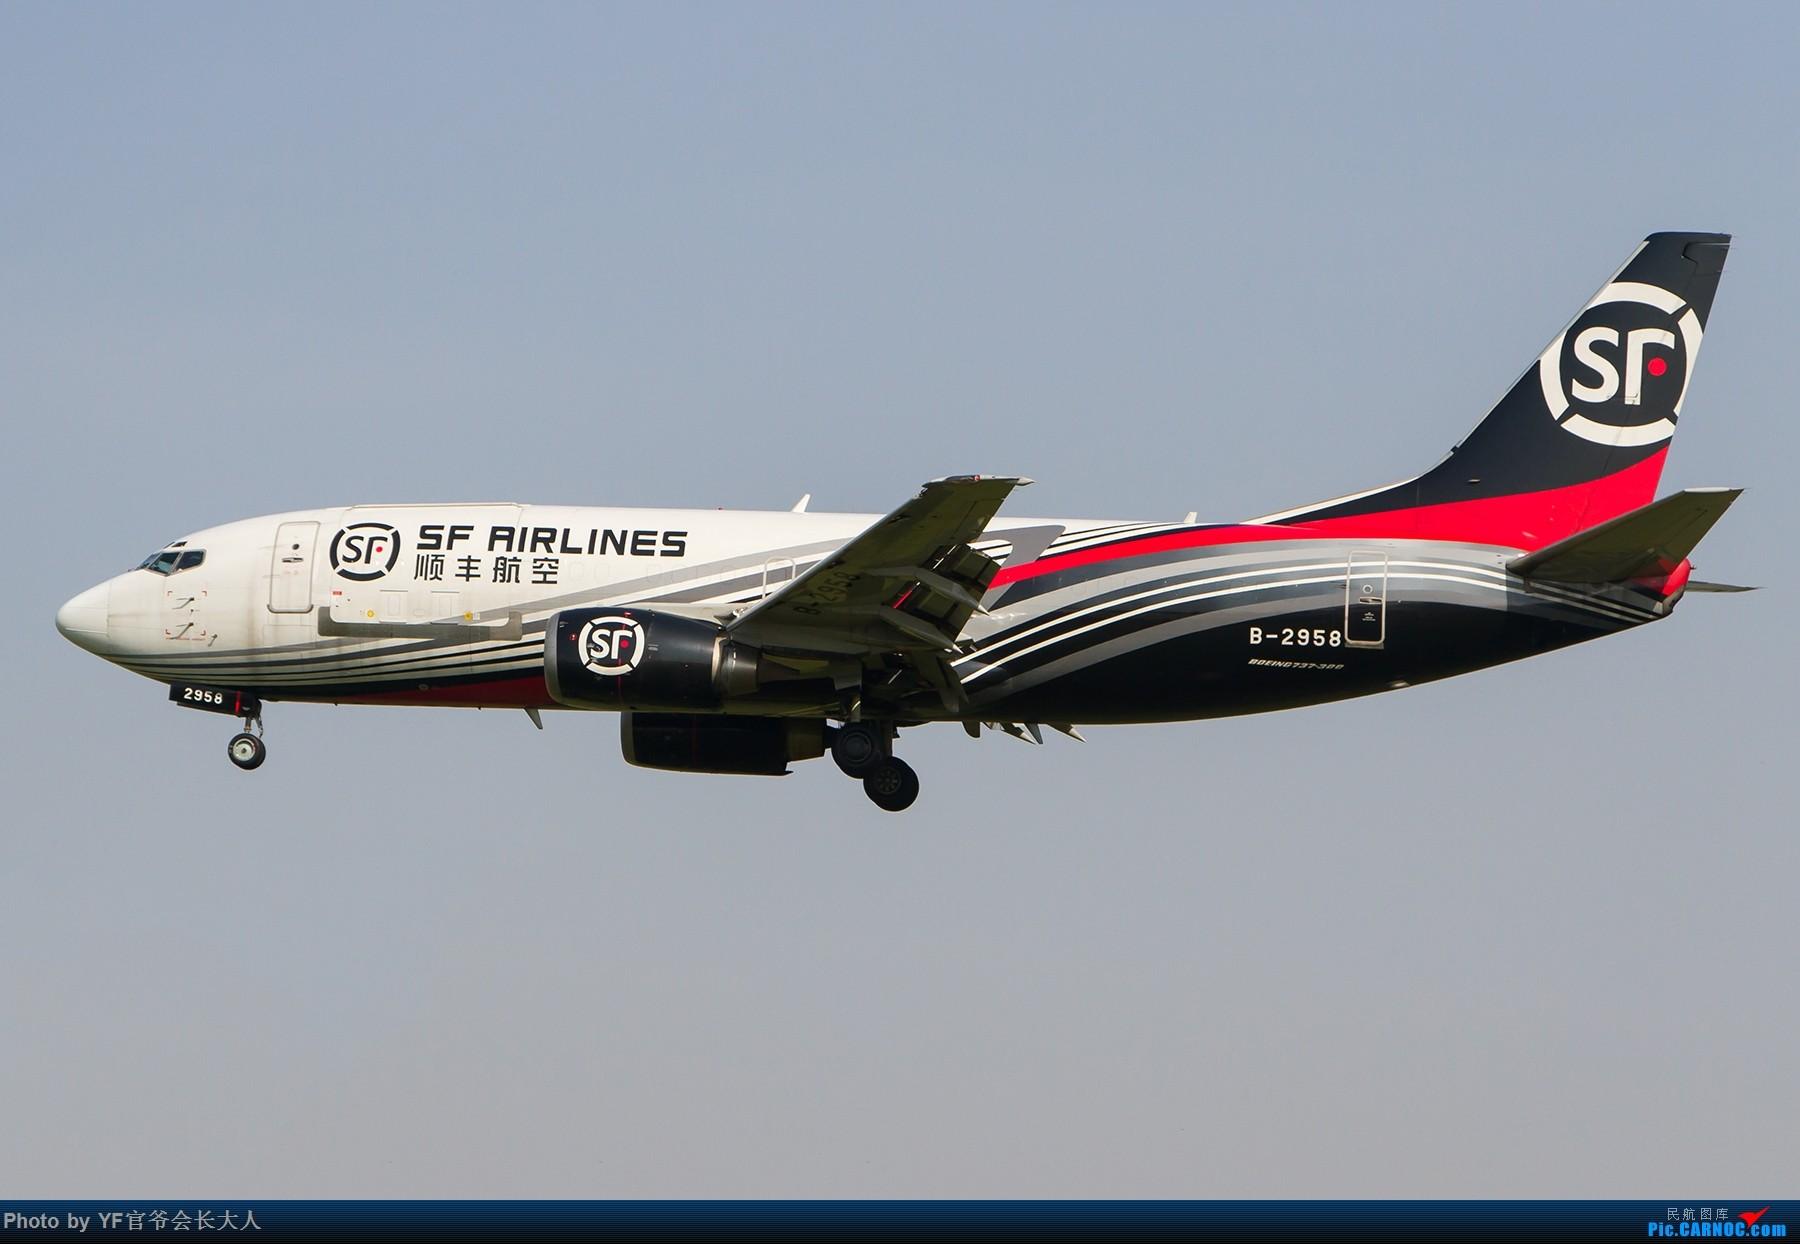 [原创]【ZYTX】轻易不拍机,拍就要拍个过瘾!(新开的酷鸟,亚洲大西洋,顺带碰上朝韩两国的好货) BOEING 737-300 B-2958 中国沈阳桃仙国际机场